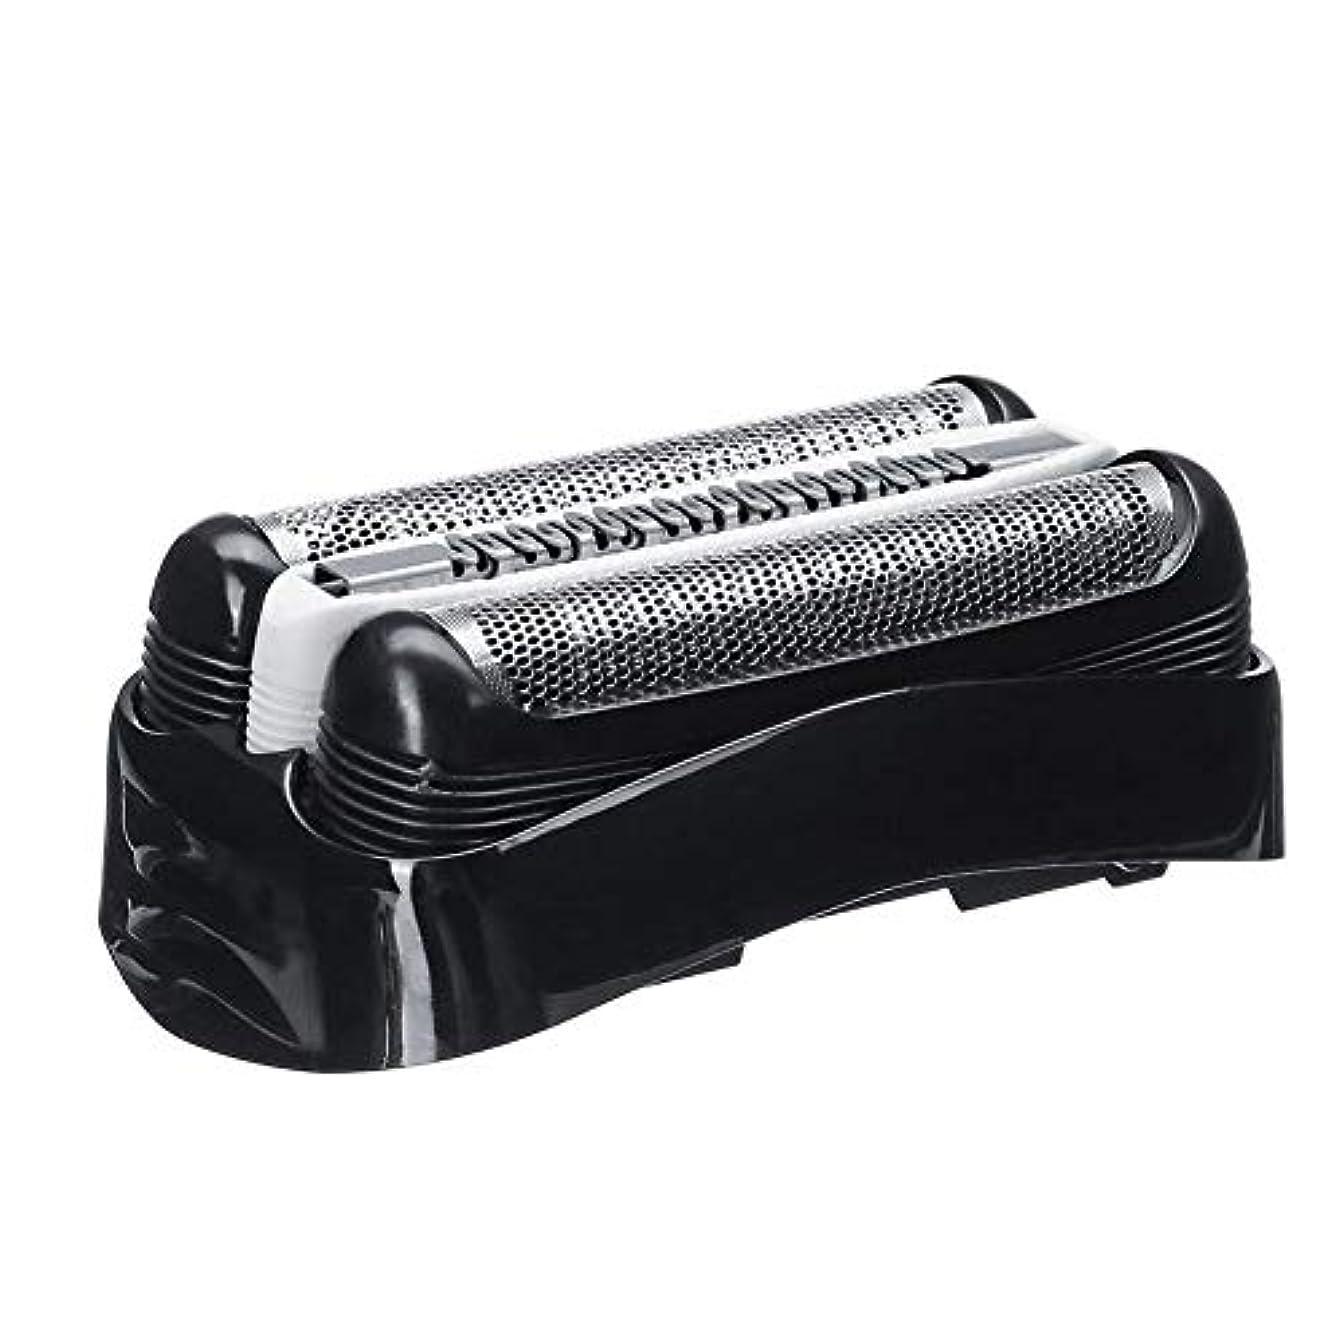 電話に出る事務所つま先シェーバー替刃 メンズシェーバー用 セット刃 シェーバー交換部品 電気シェーバー交換ヘッドカミソリアクセサリ for Braun 3 series